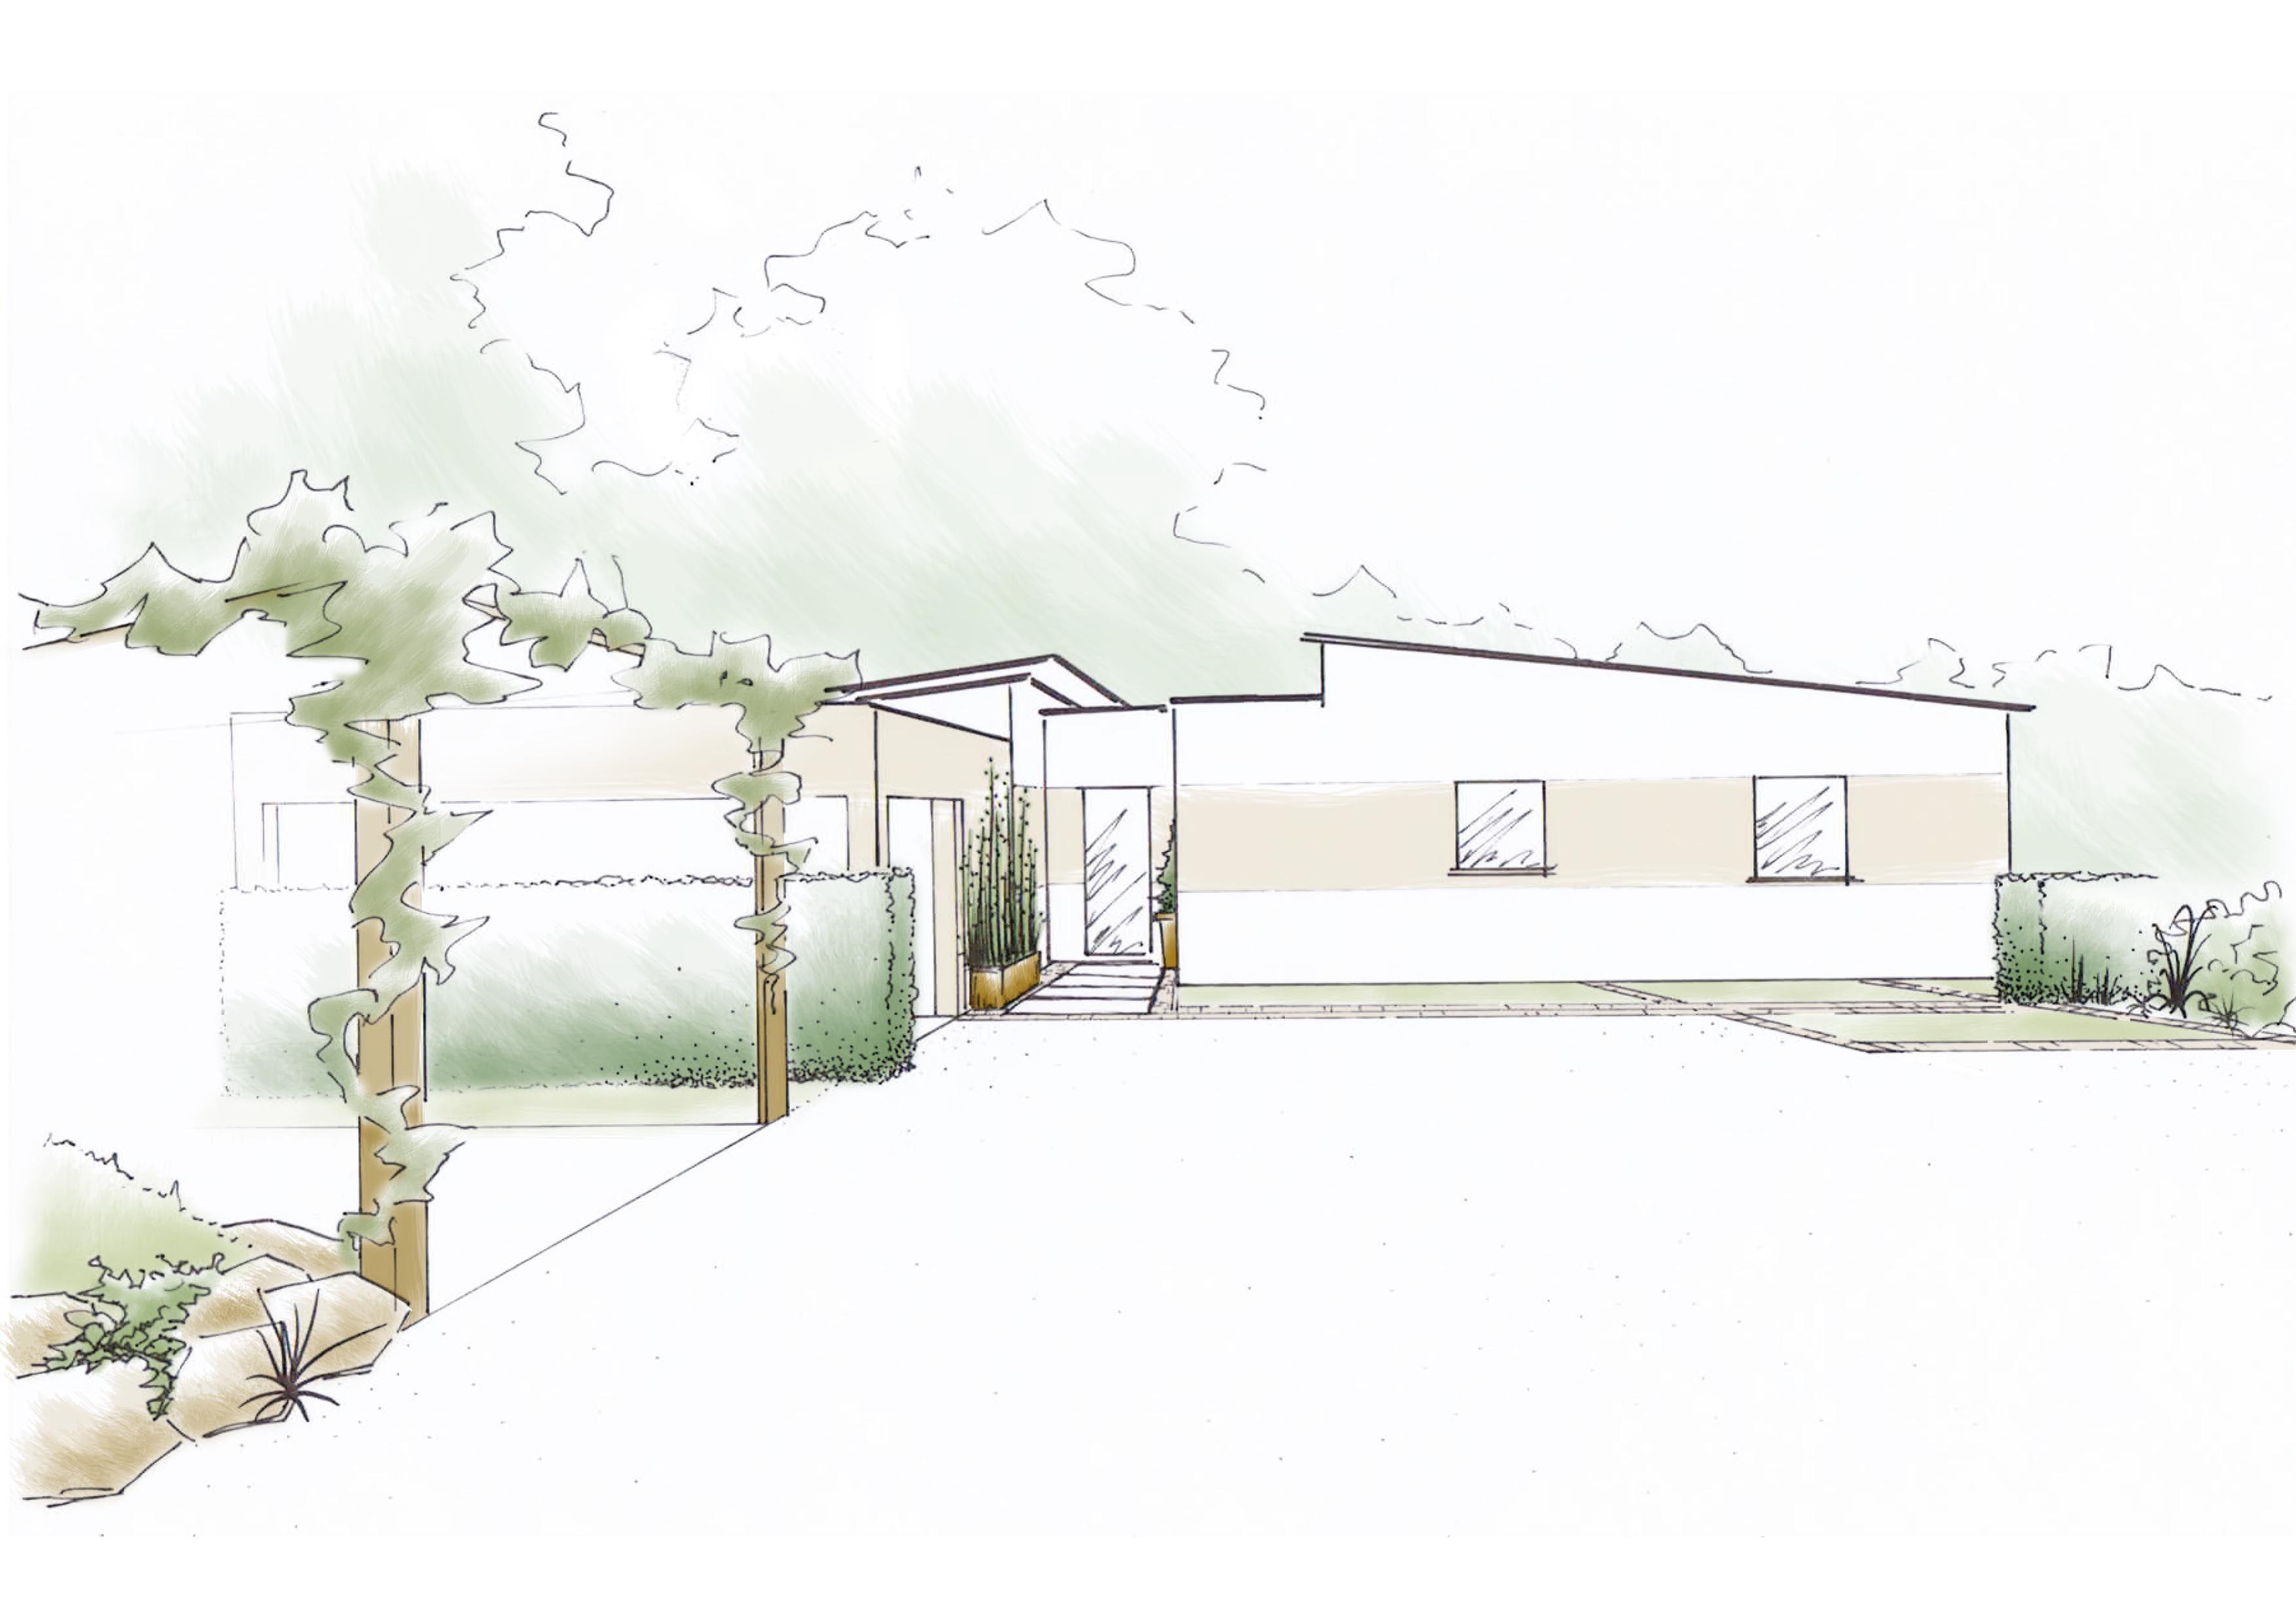 croquis d 39 ambiance d 39 une entr e contemporaine garden plan pinterest. Black Bedroom Furniture Sets. Home Design Ideas